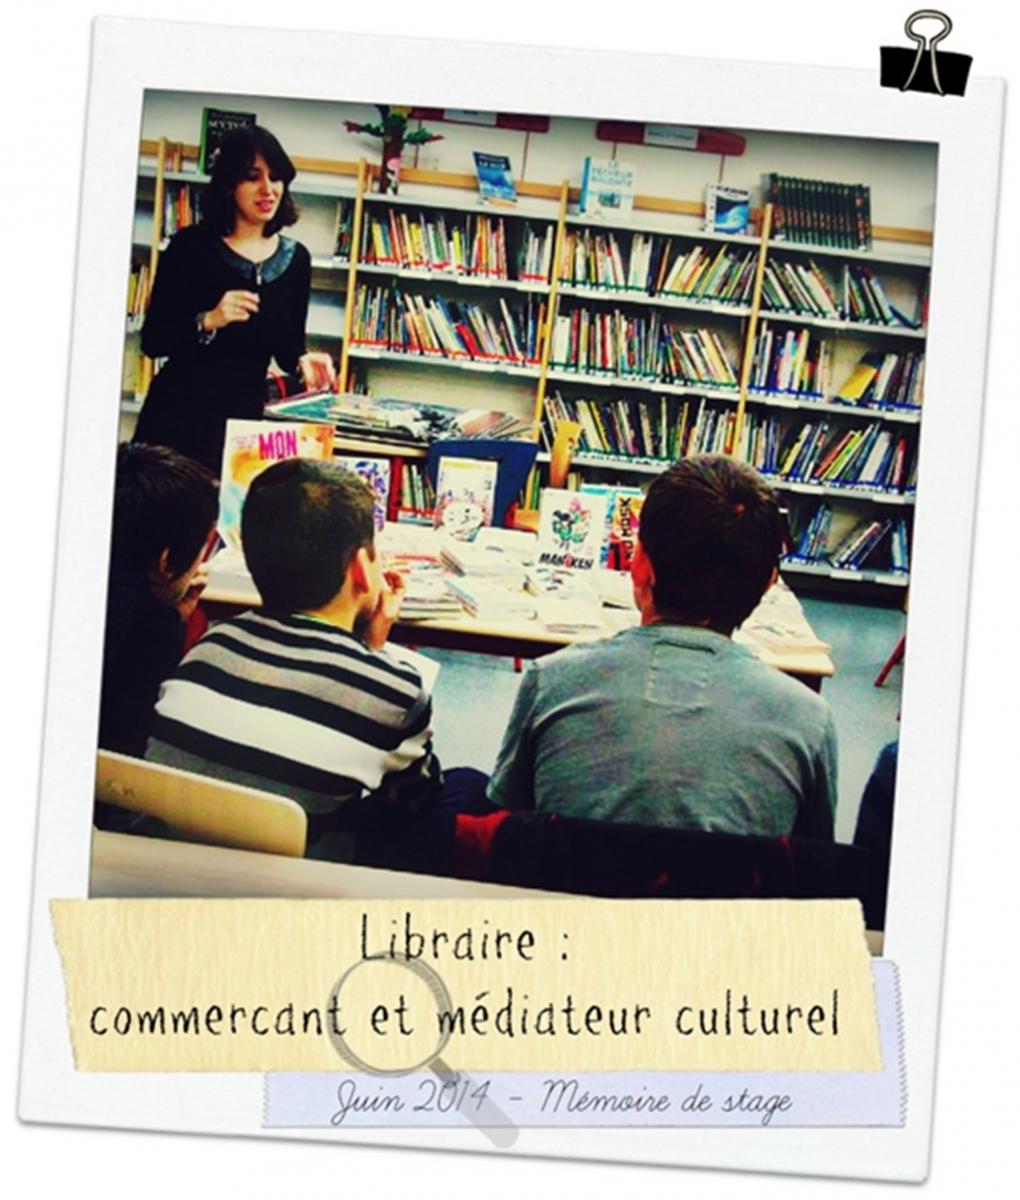 le r u00f4le du libraire comme m u00e9diateur culturel   m u00e9moire de master 2 - cv